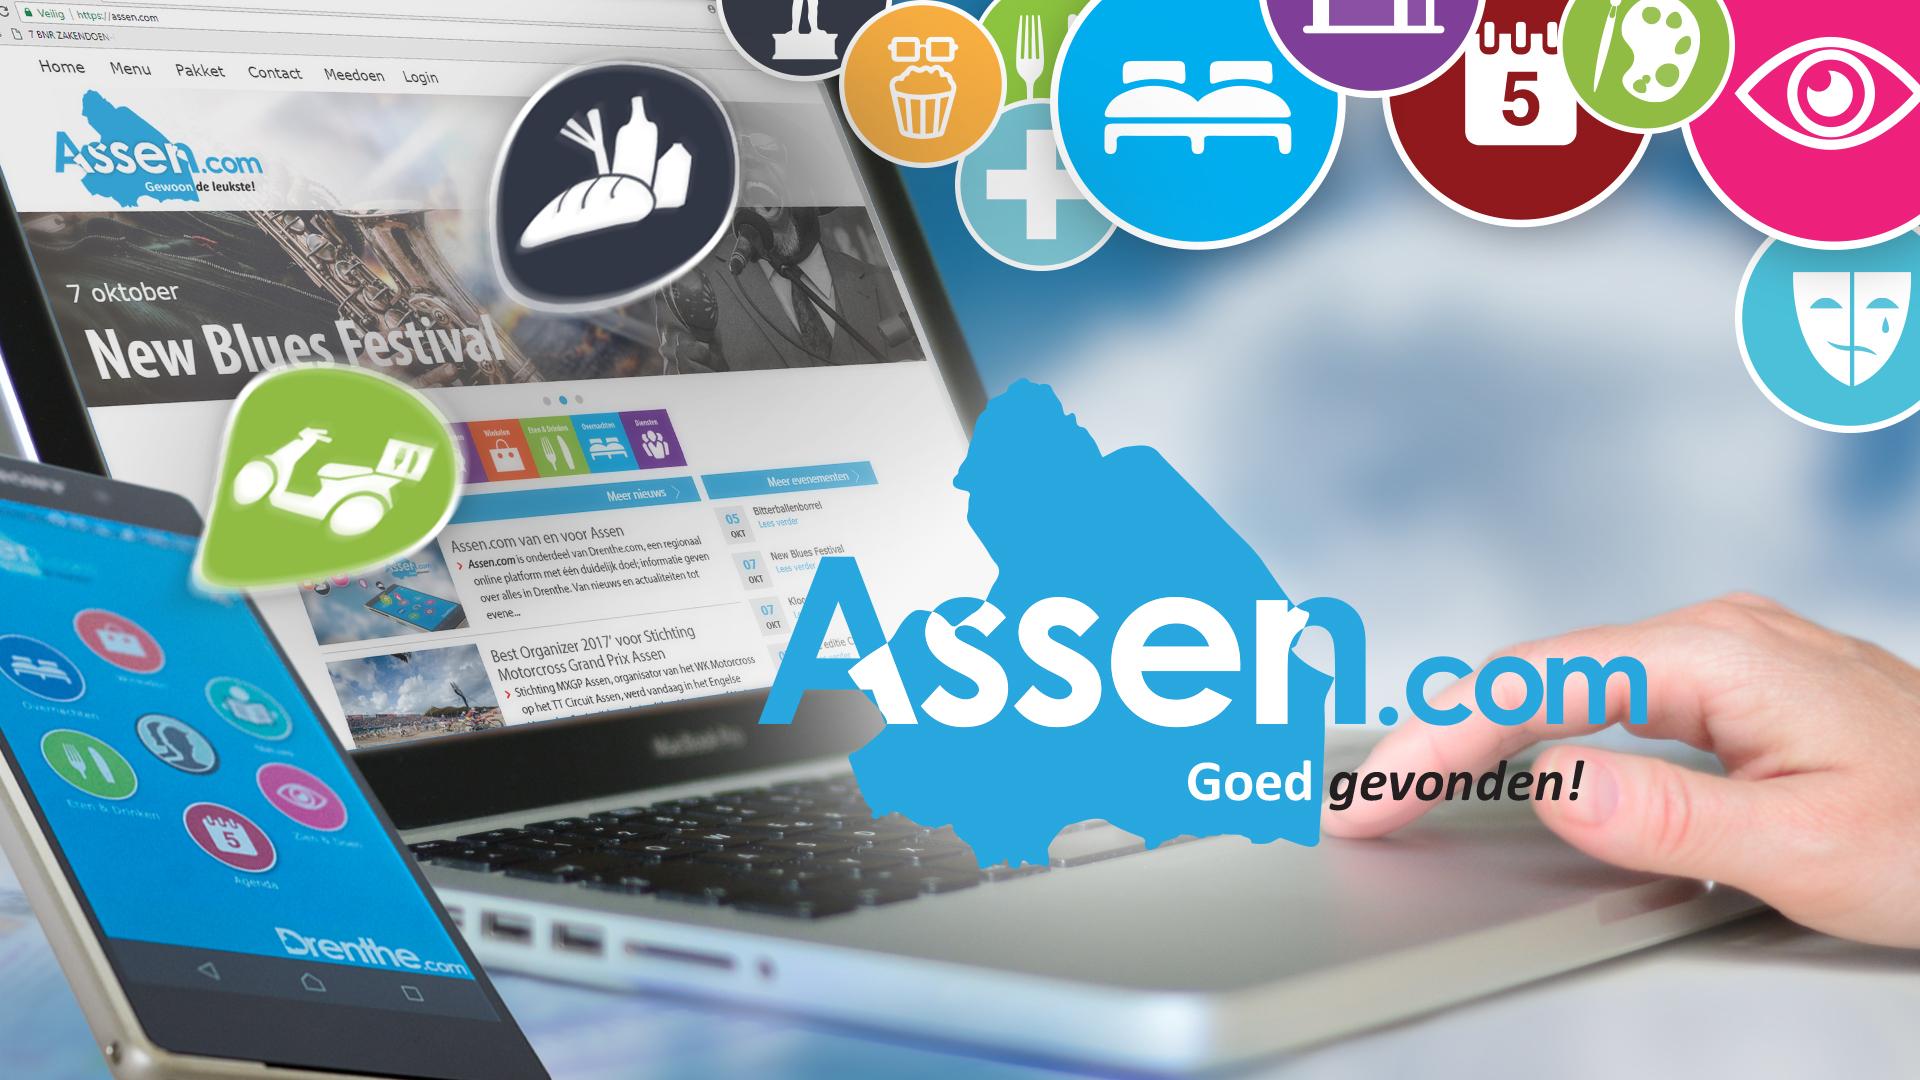 Assen.com